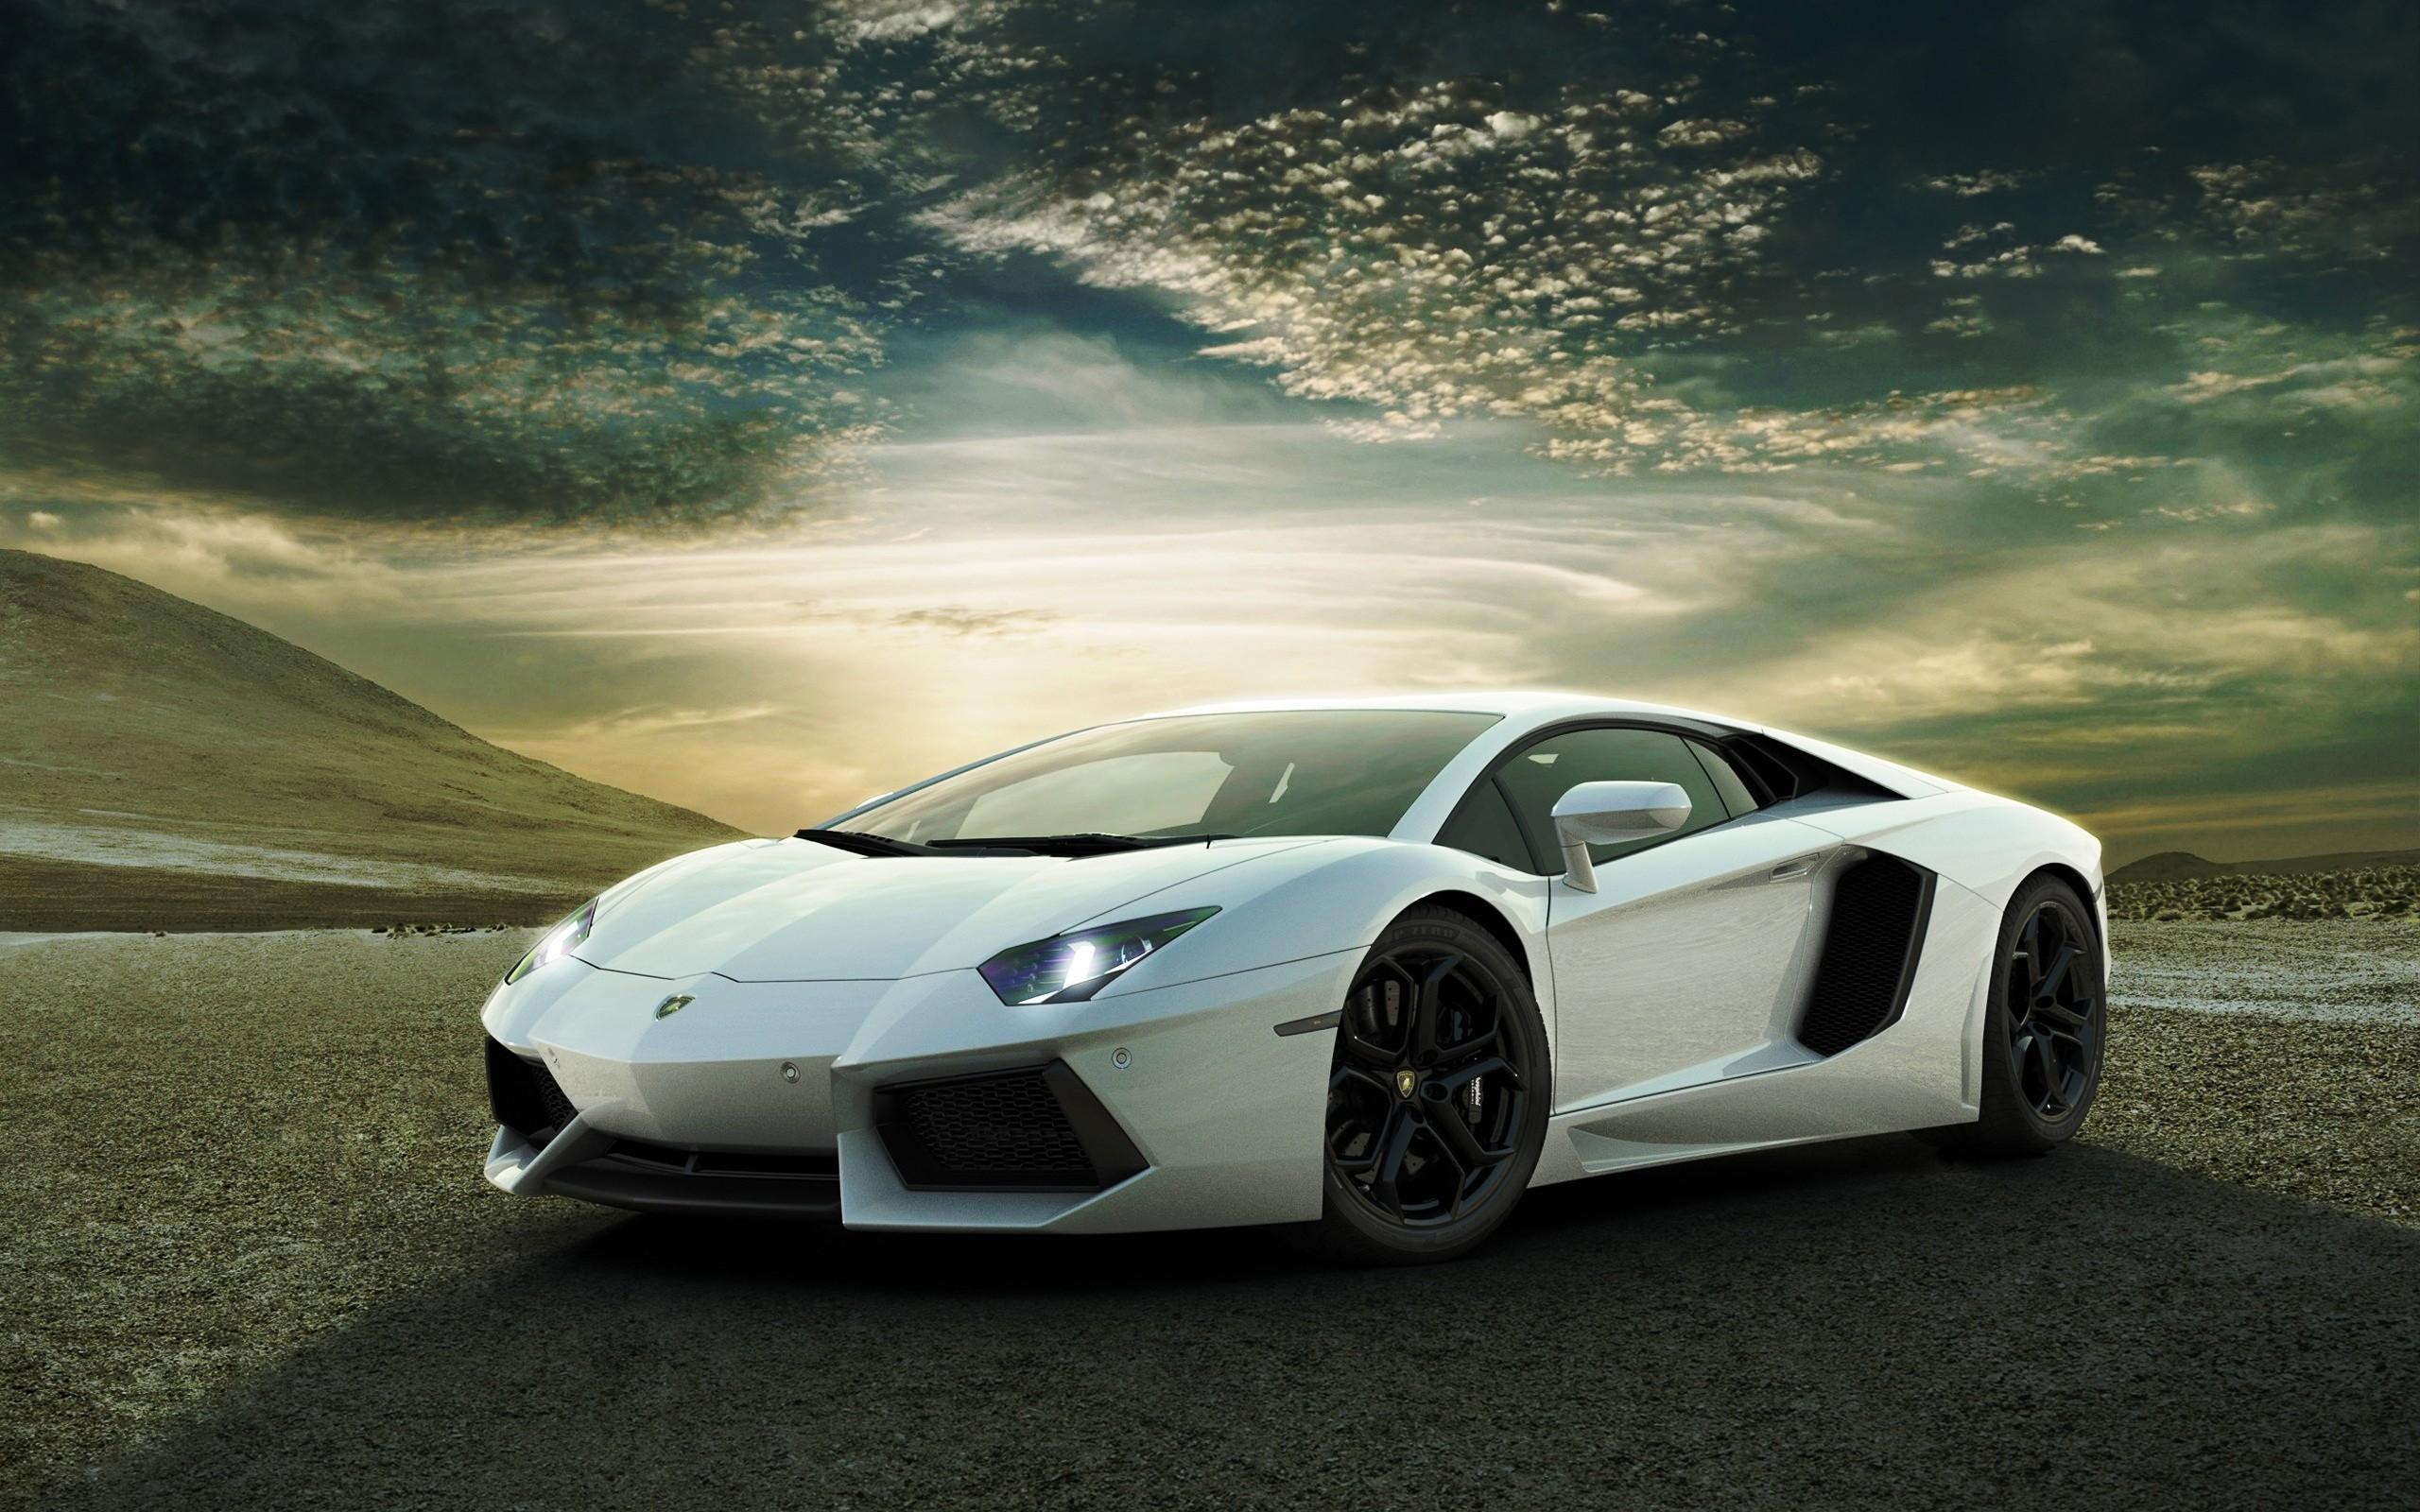 Res: 2560x1600, Gold Lamborghini HD Wallpaper 1920x1080 ID48717 - HD Wallpapers